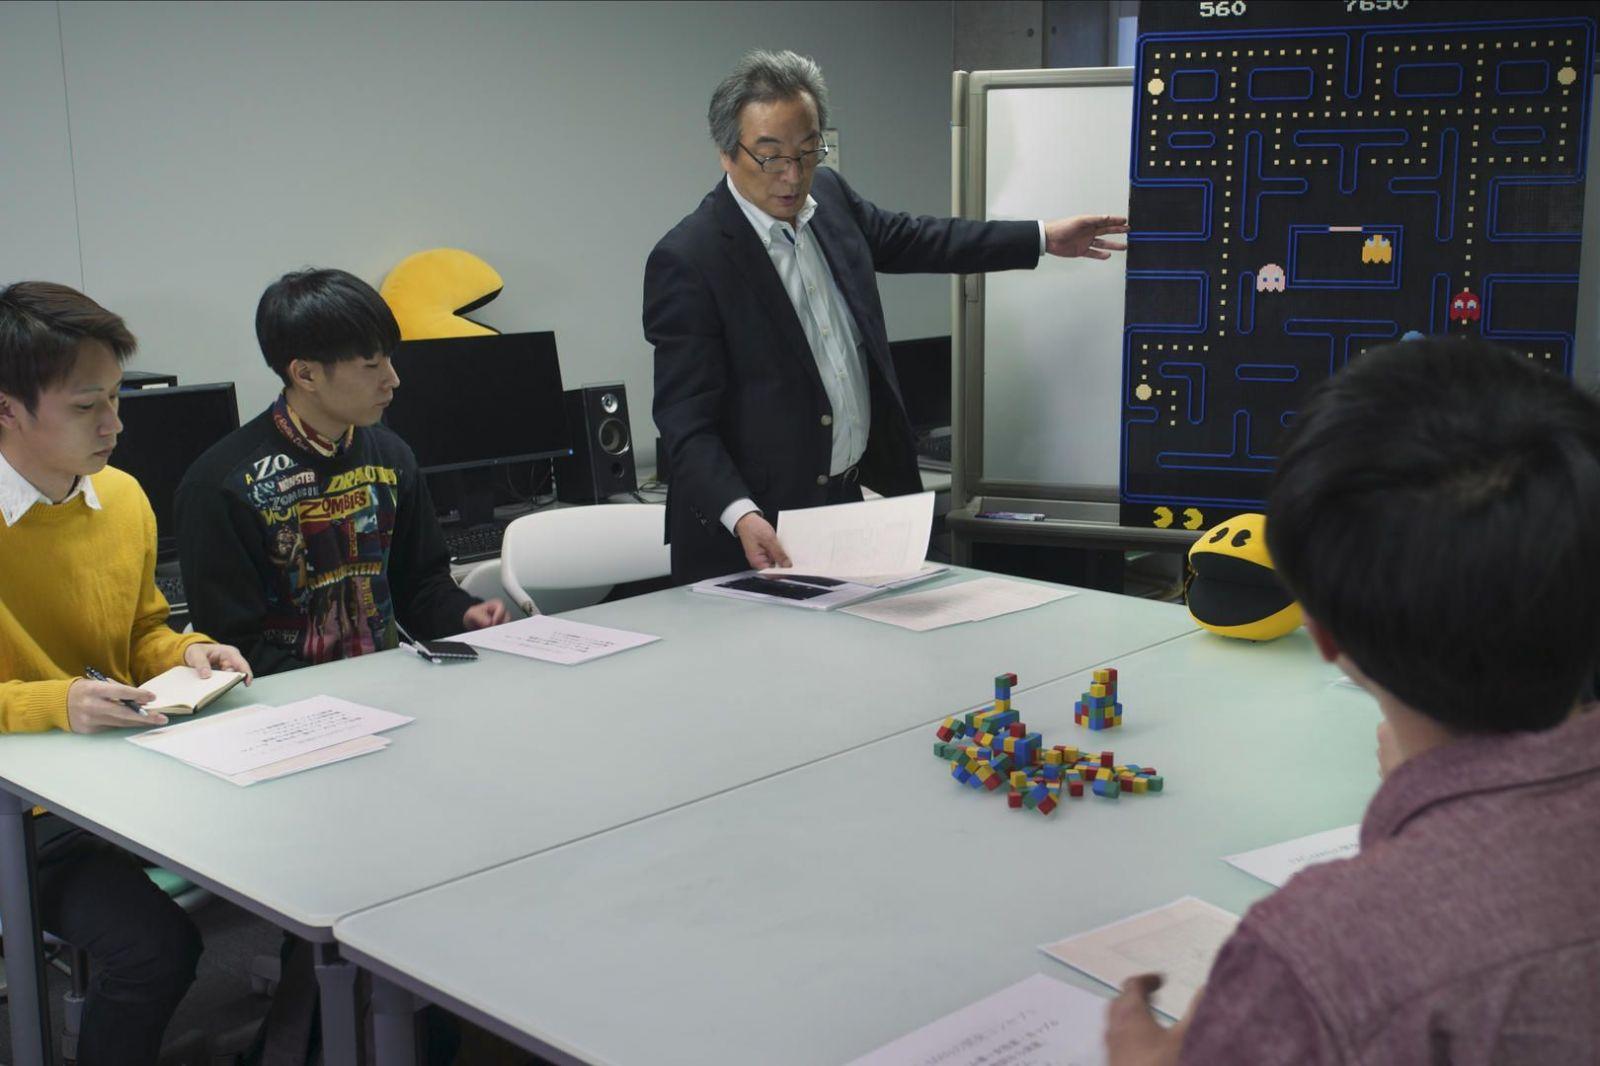 Herný dokument High Score od Netflixu ti prezradí, že Pac-Man vznikol pri jedení pizzy ako hra pre ženy